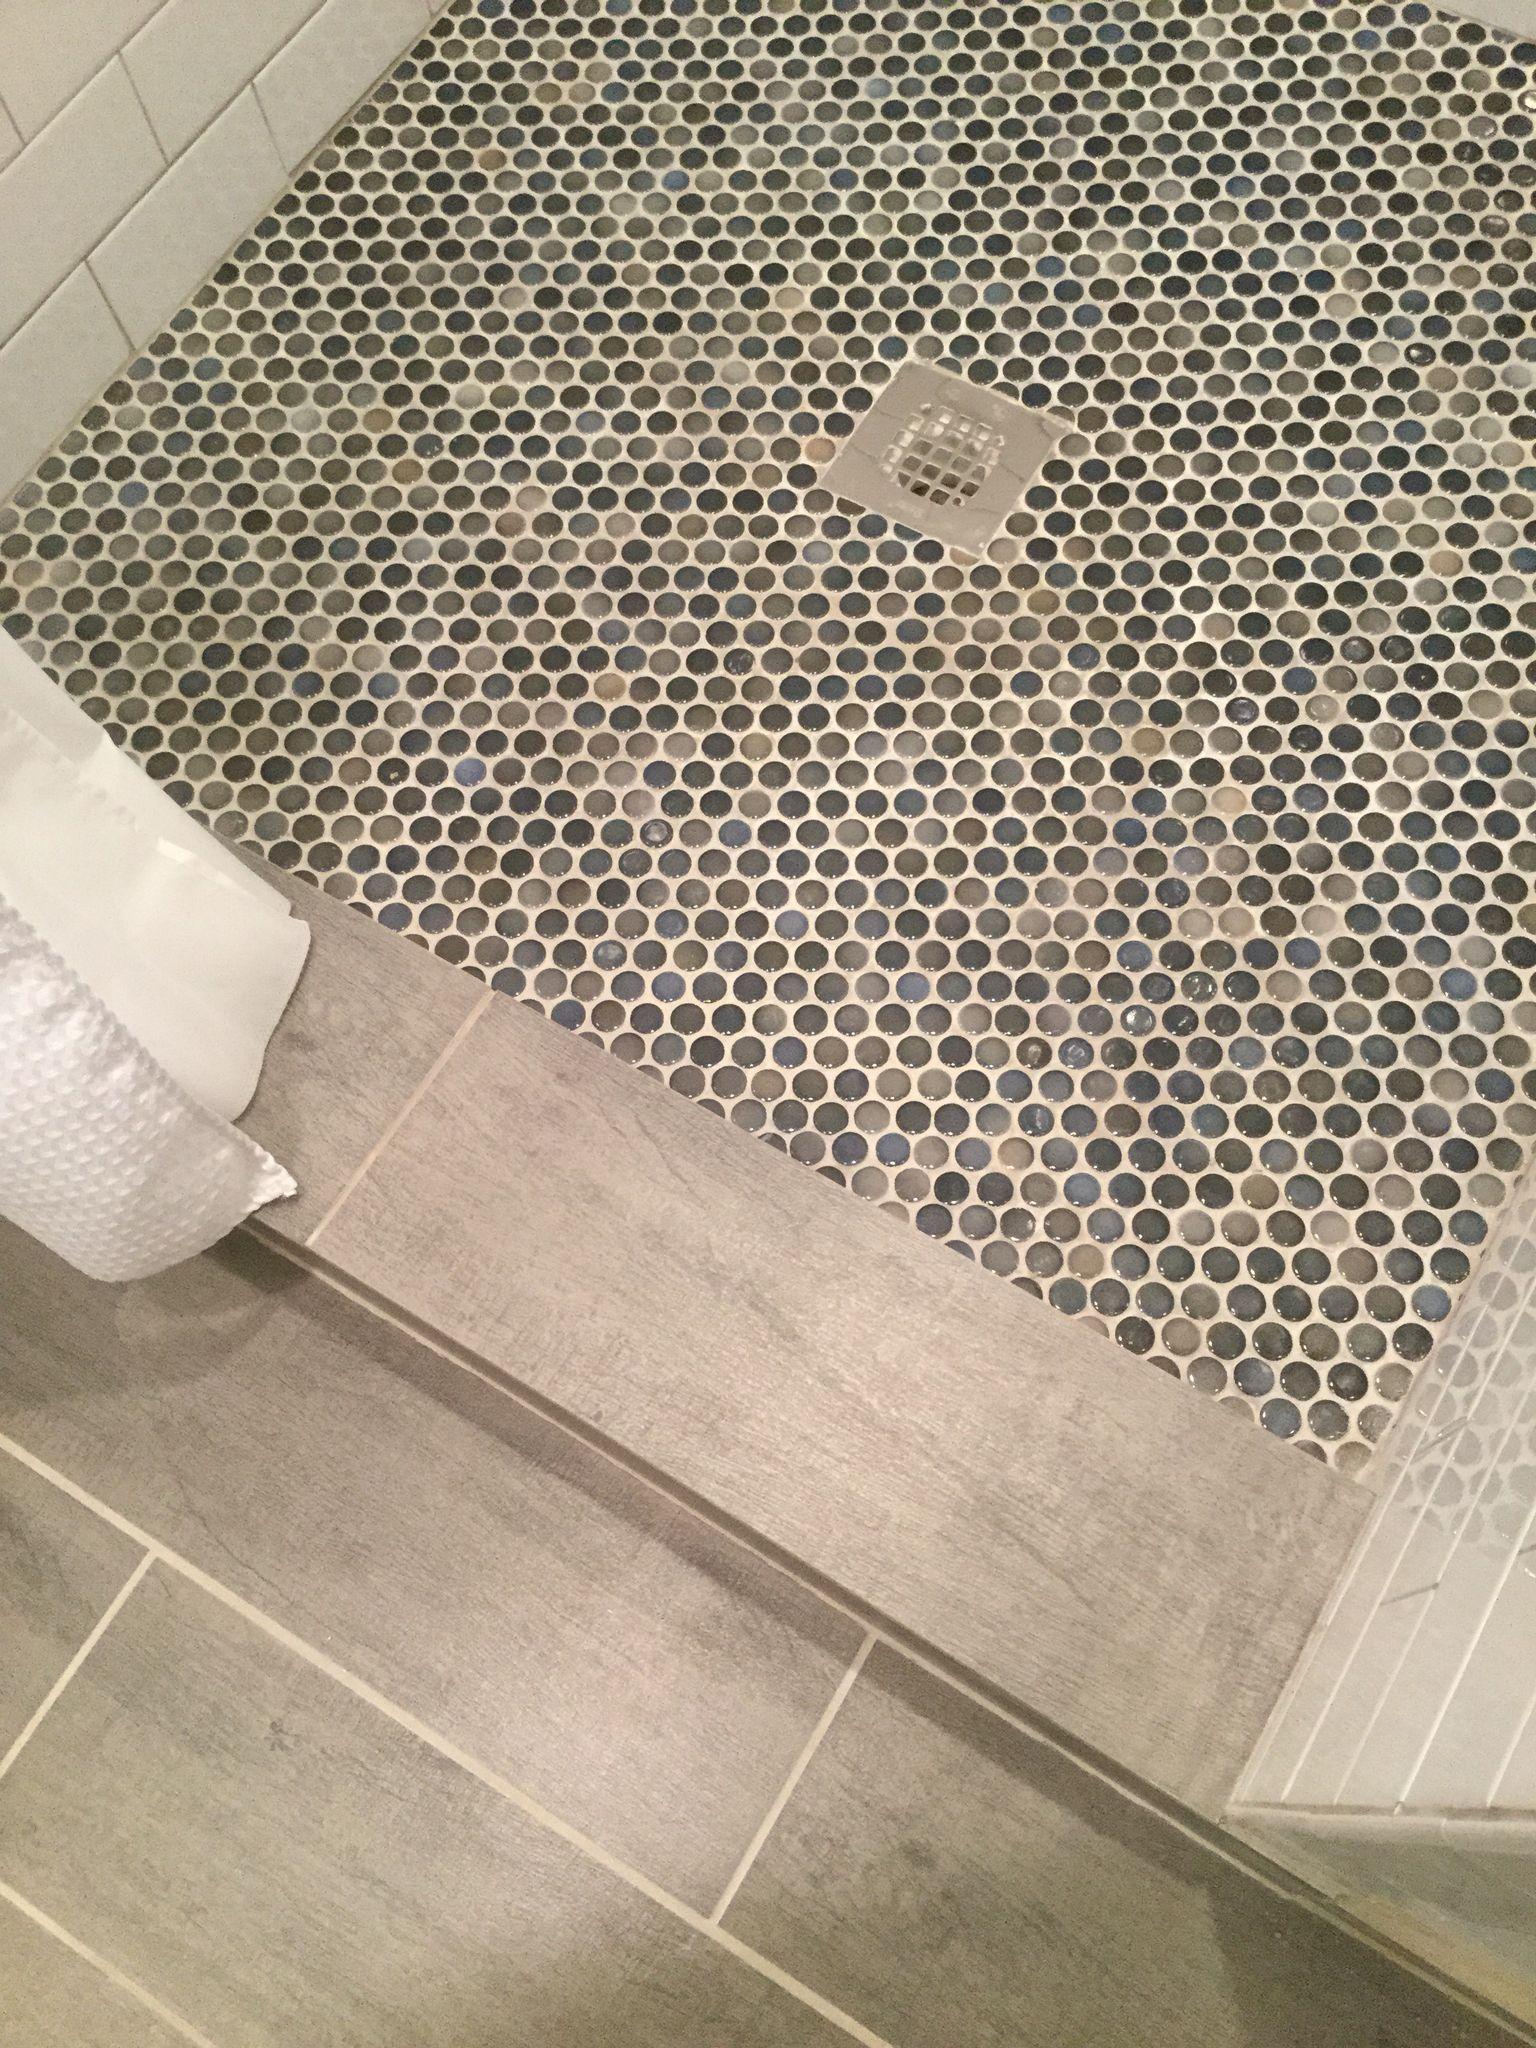 gray penny tile on shower floor